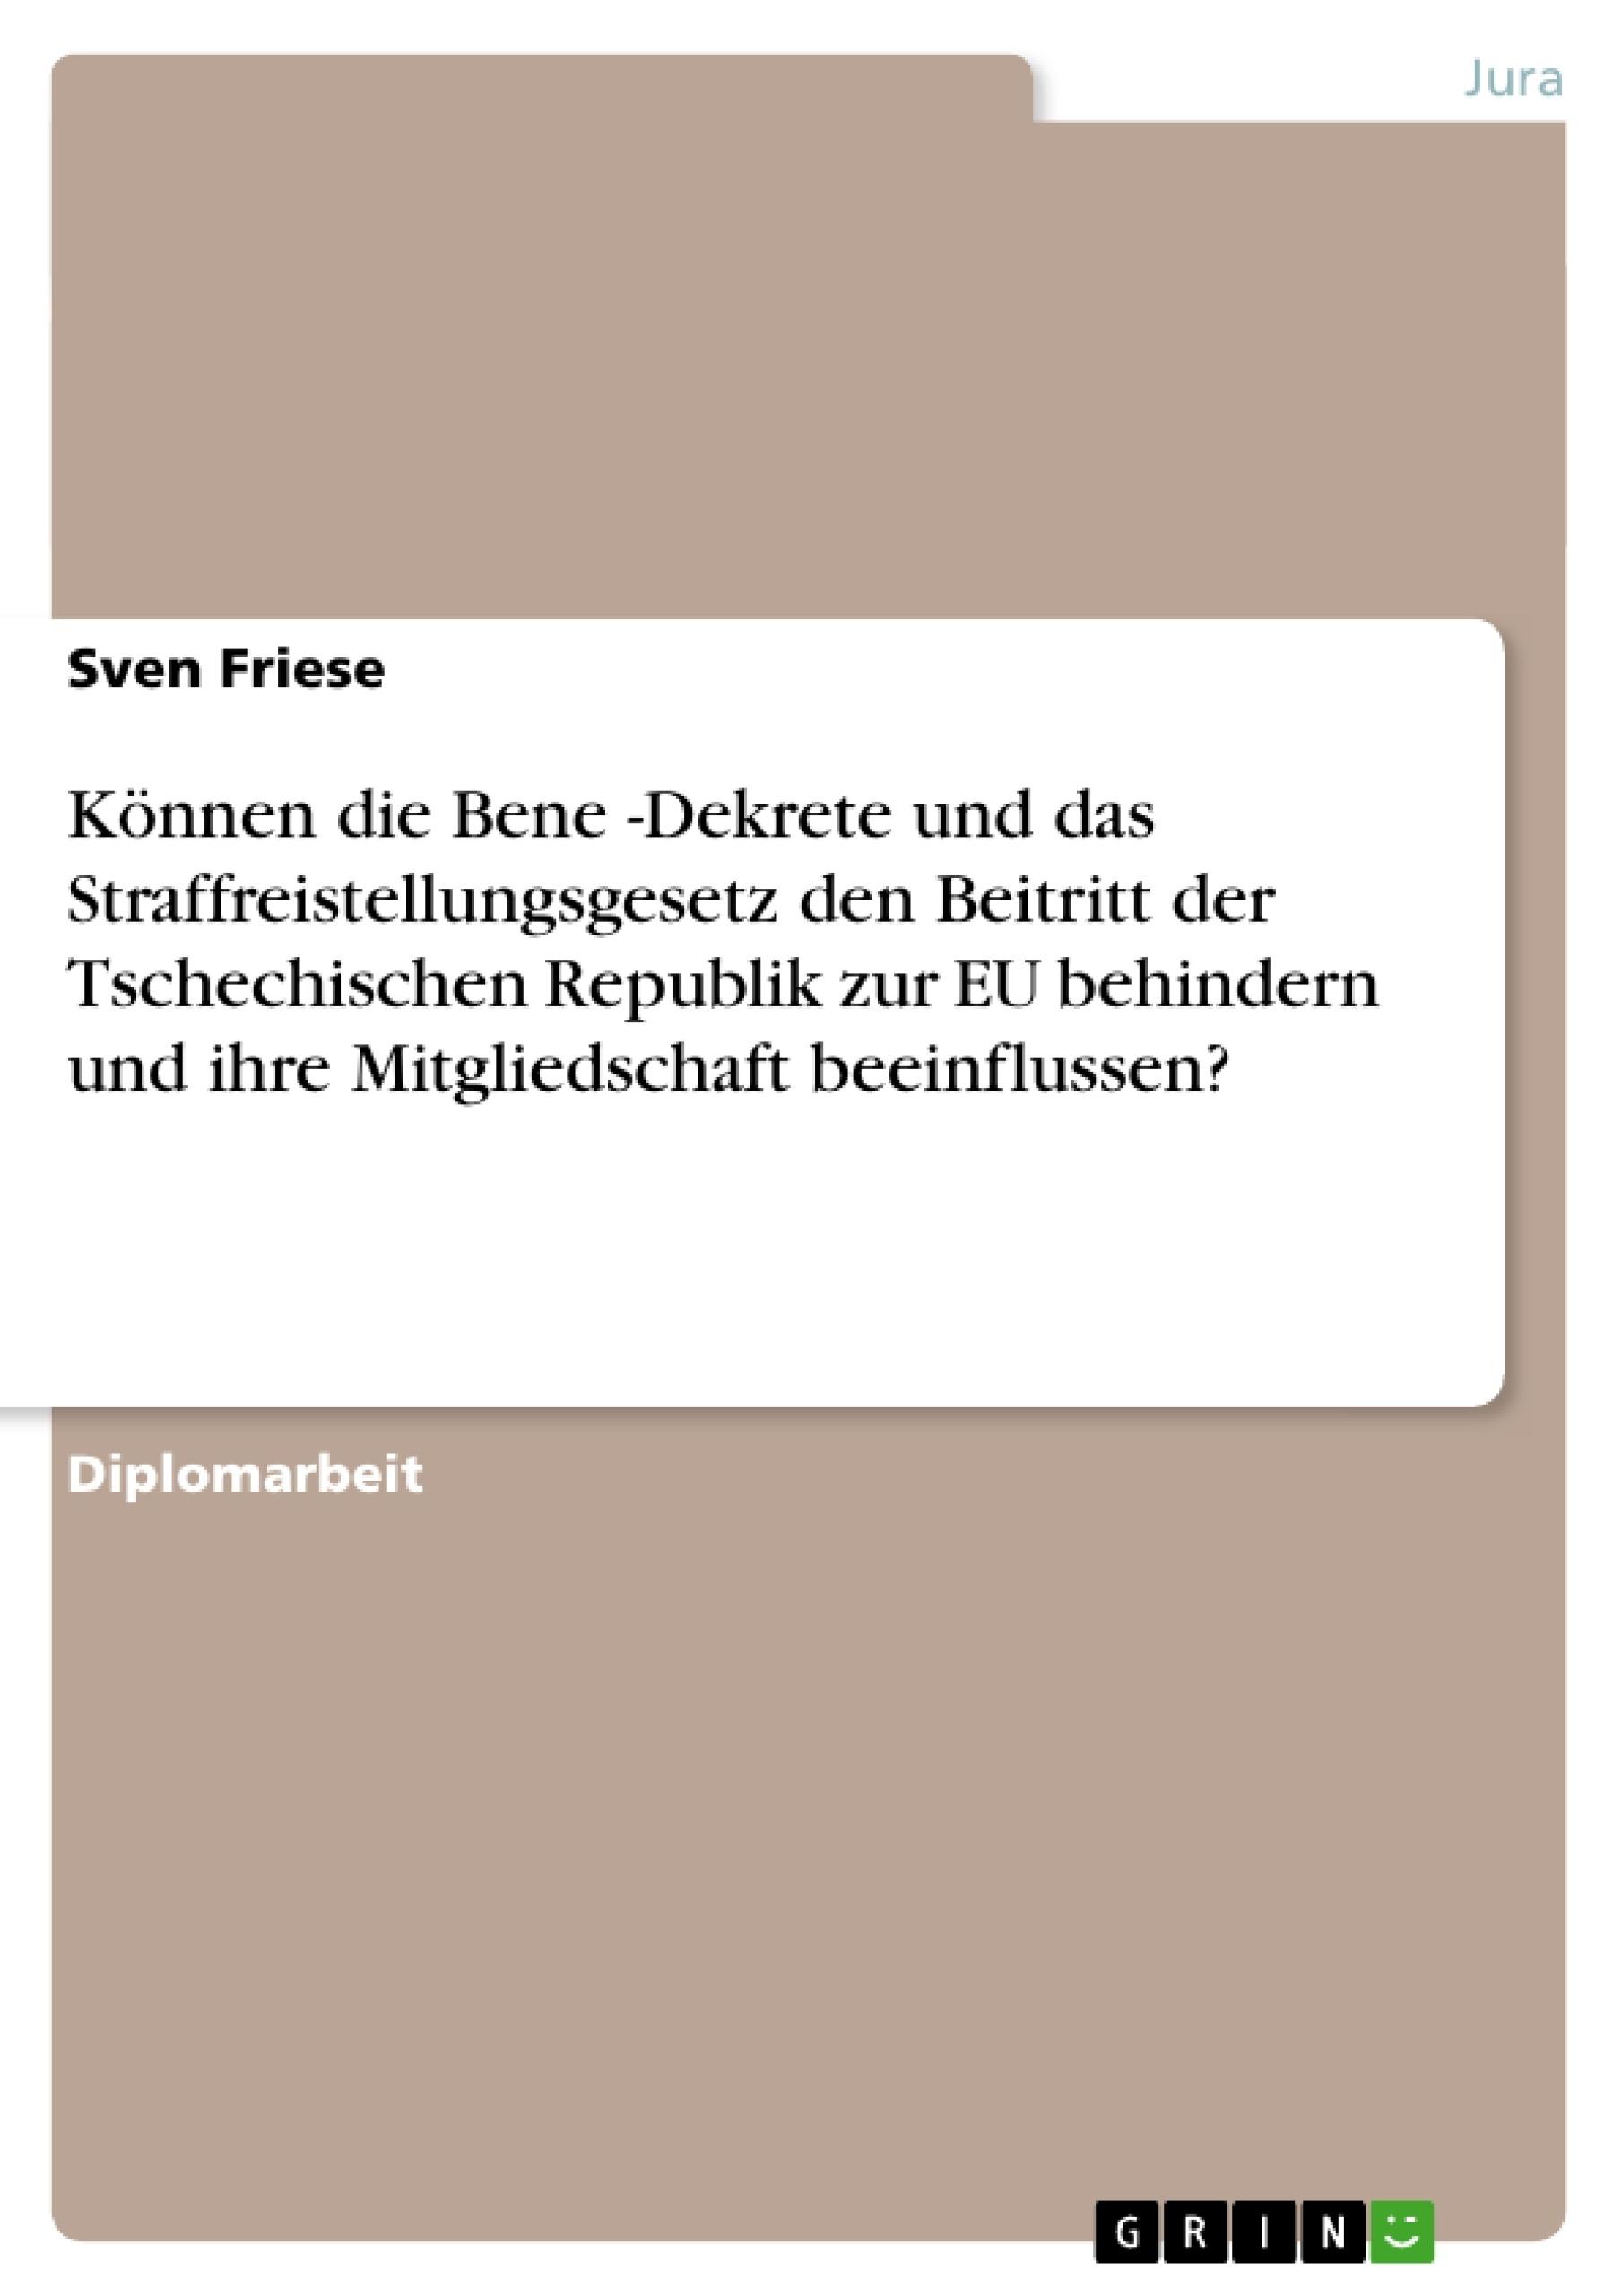 Titel: Können die Beneš-Dekrete und das Straffreistellungsgesetz den Beitritt der Tschechischen Republik zur EU behindern und ihre Mitgliedschaft beeinflussen?